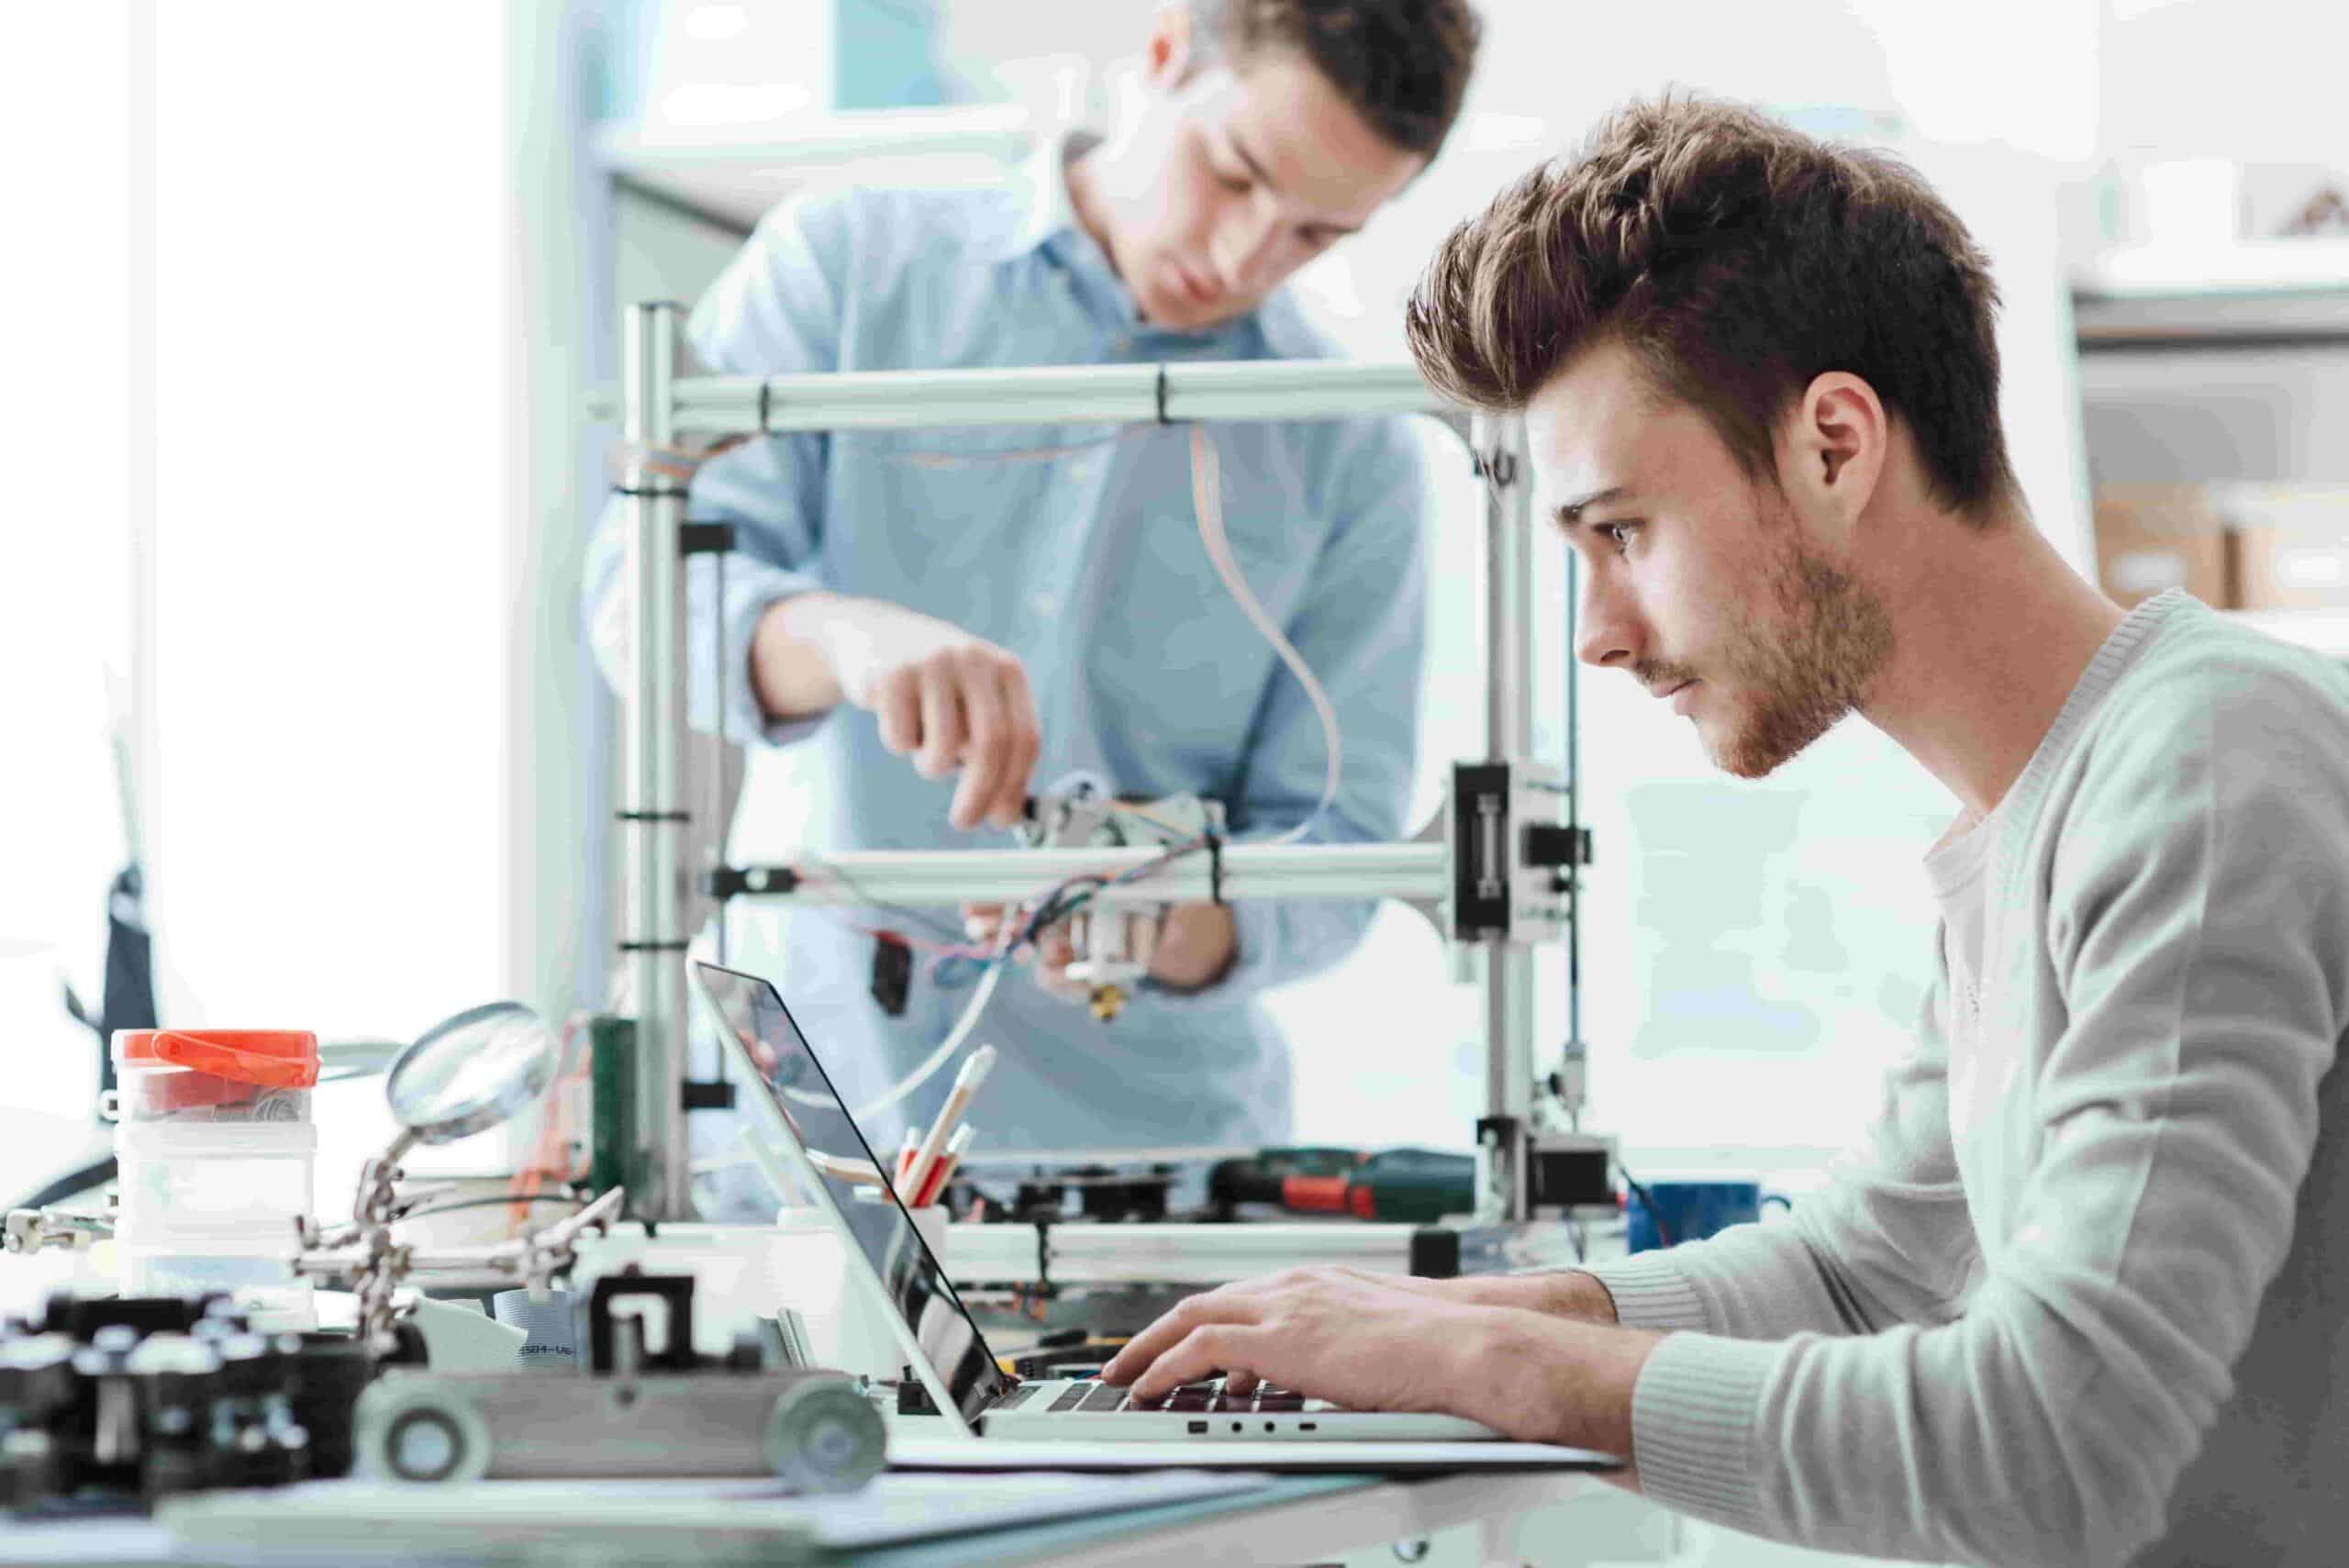 Hombres jóvenes trabajando en un negocio rentable